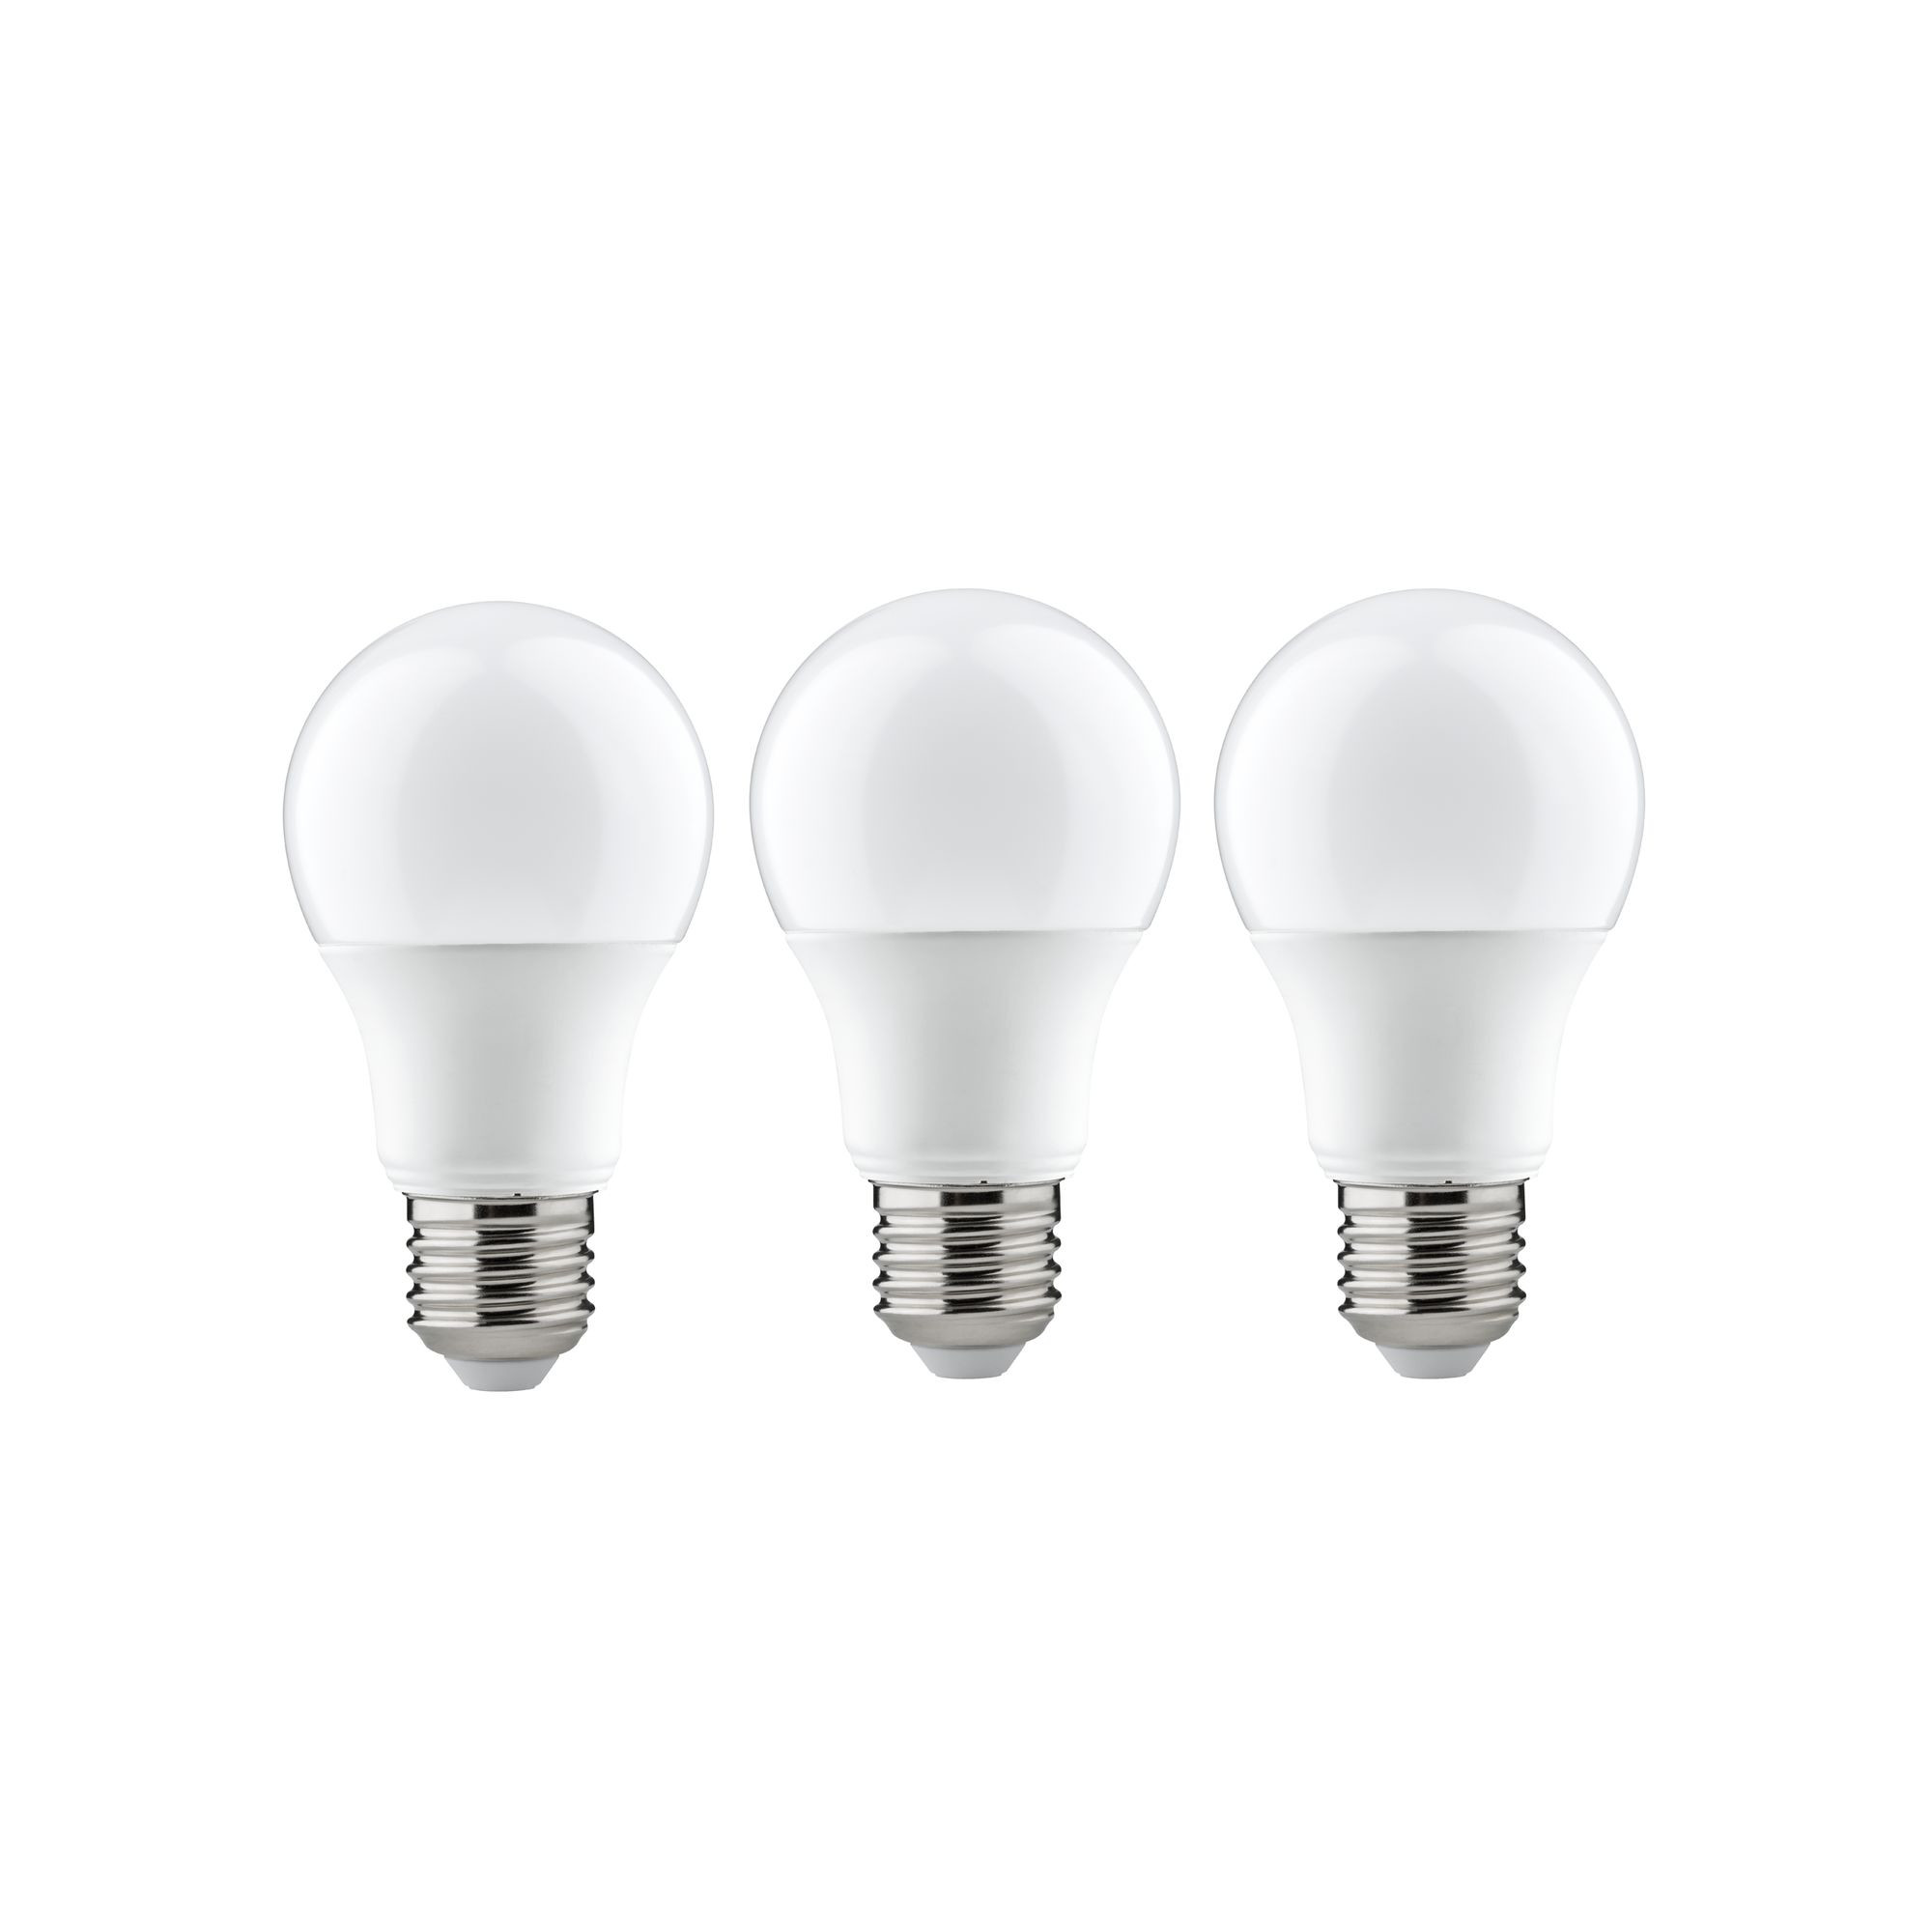 Лампа светодиодная Paulmann Общего назначения 6.5Вт 470лм 2700К E27 230В Опал Набор 3шт. 28428.